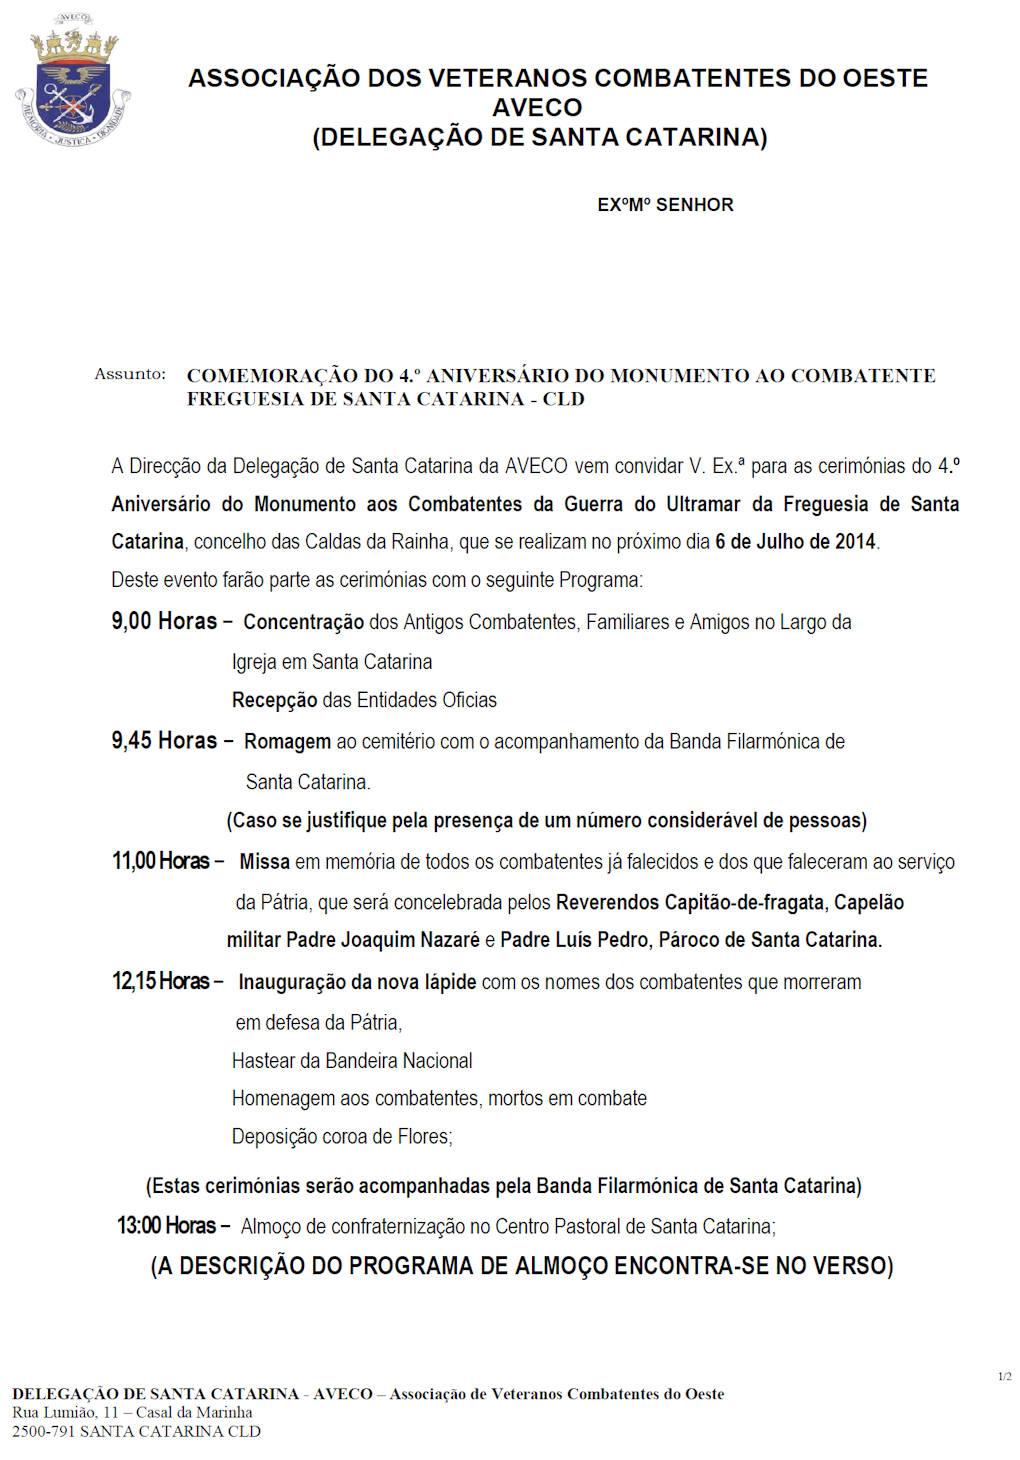 06Jul2014: AVECO - Comemoração do 4.º Aniversário do Monumento ao Combatente Aveco_10